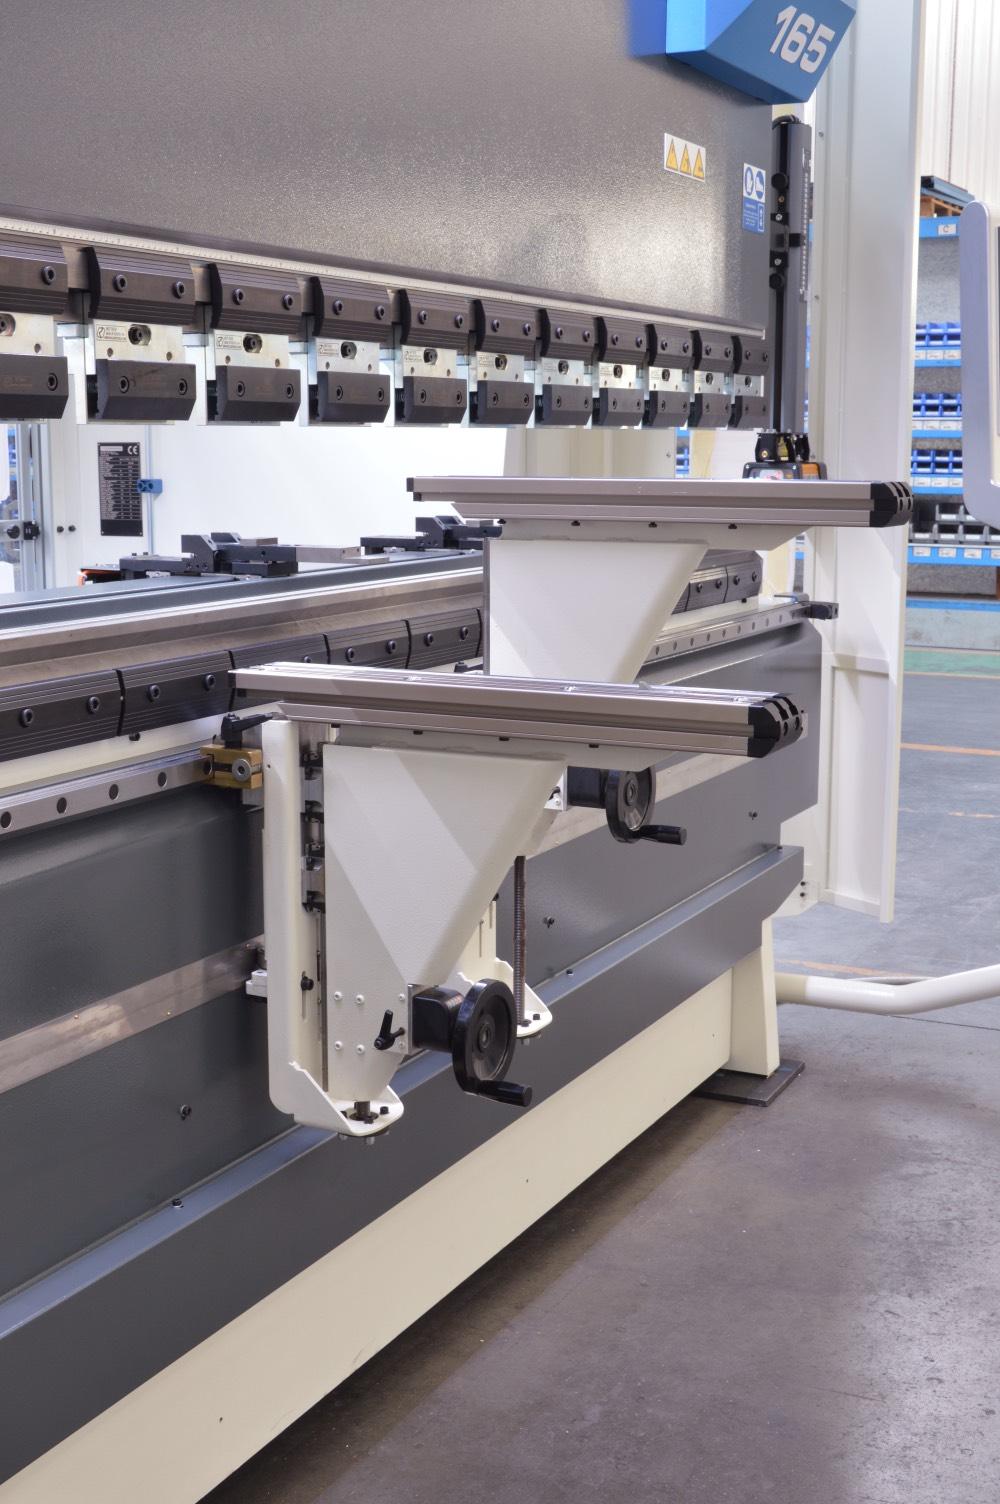 soportes frontales ajustables prensa plegadora subcontratista